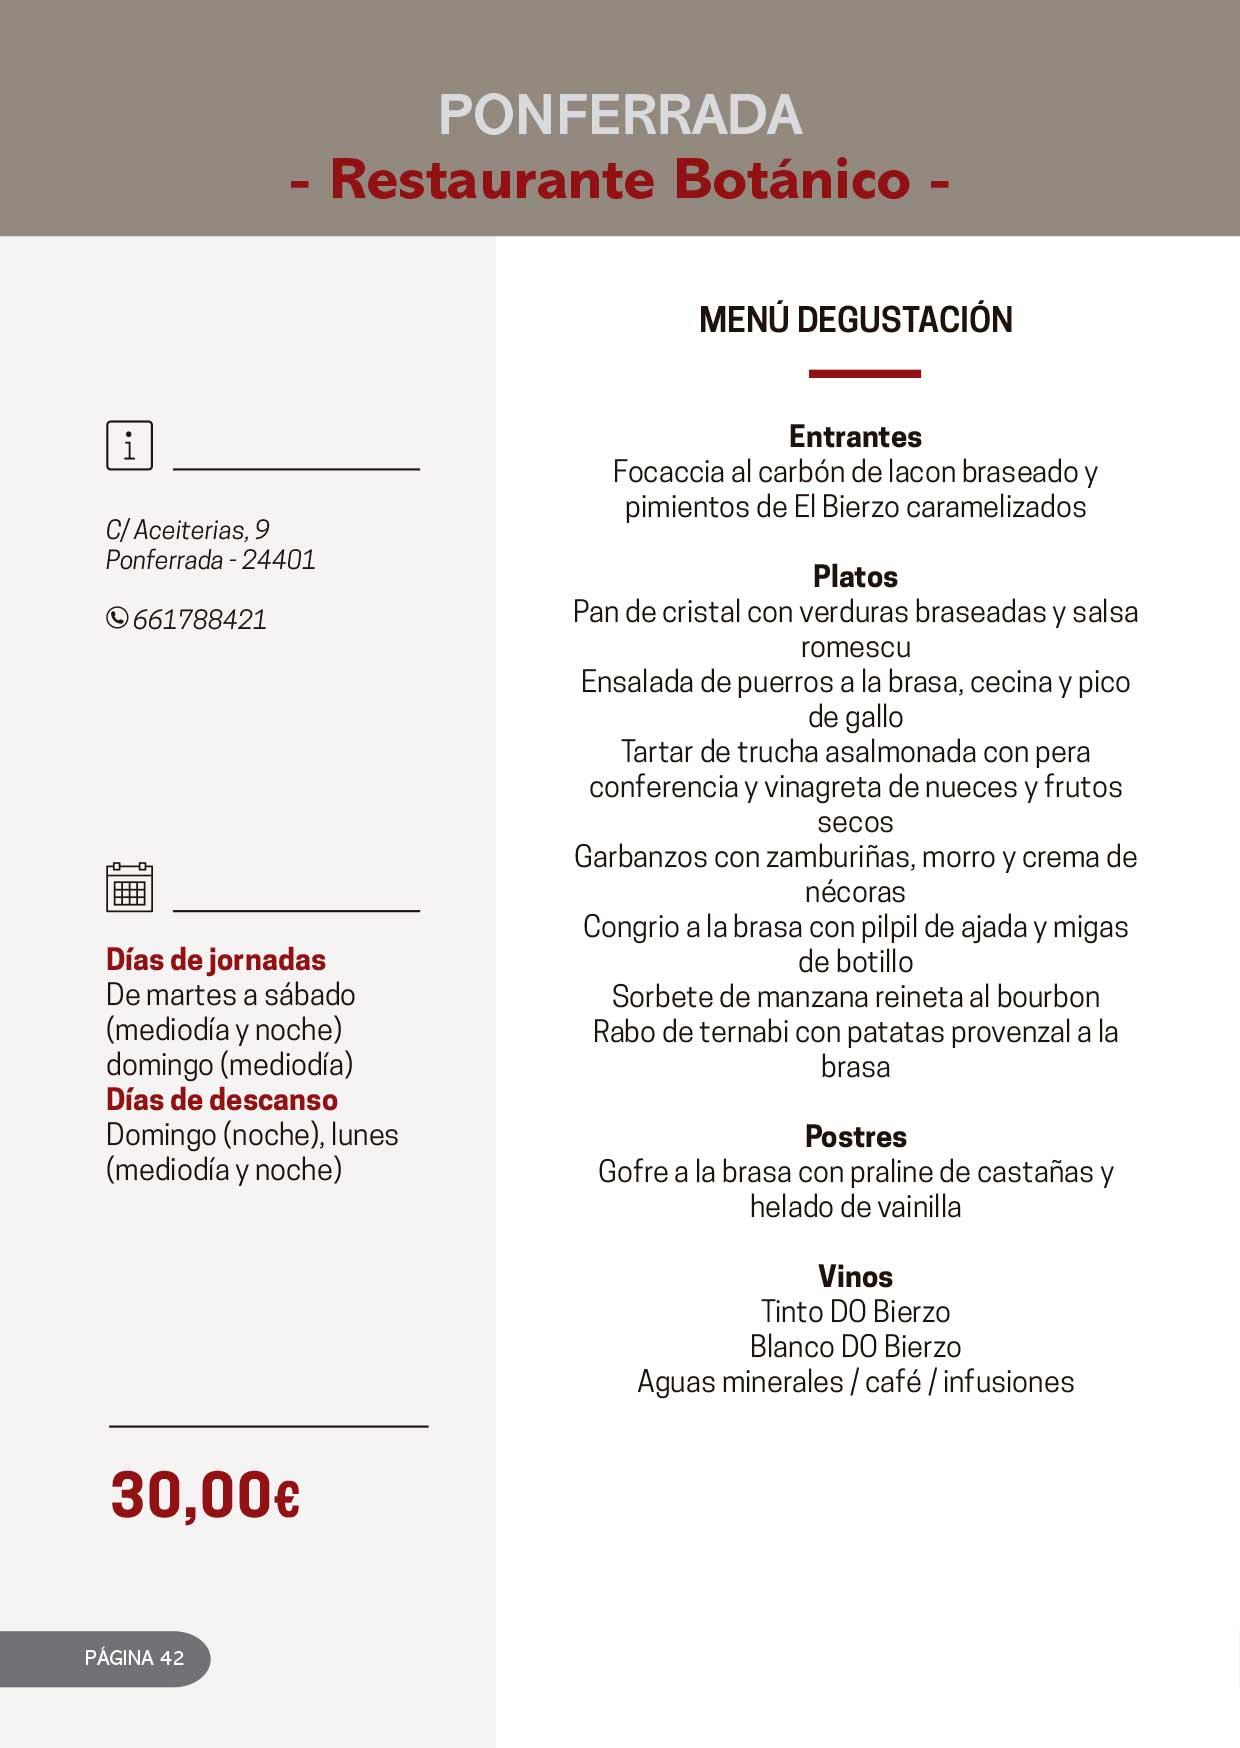 Las Jornadas Gastronómicas del Bierzo llegan a su 34 edición 25